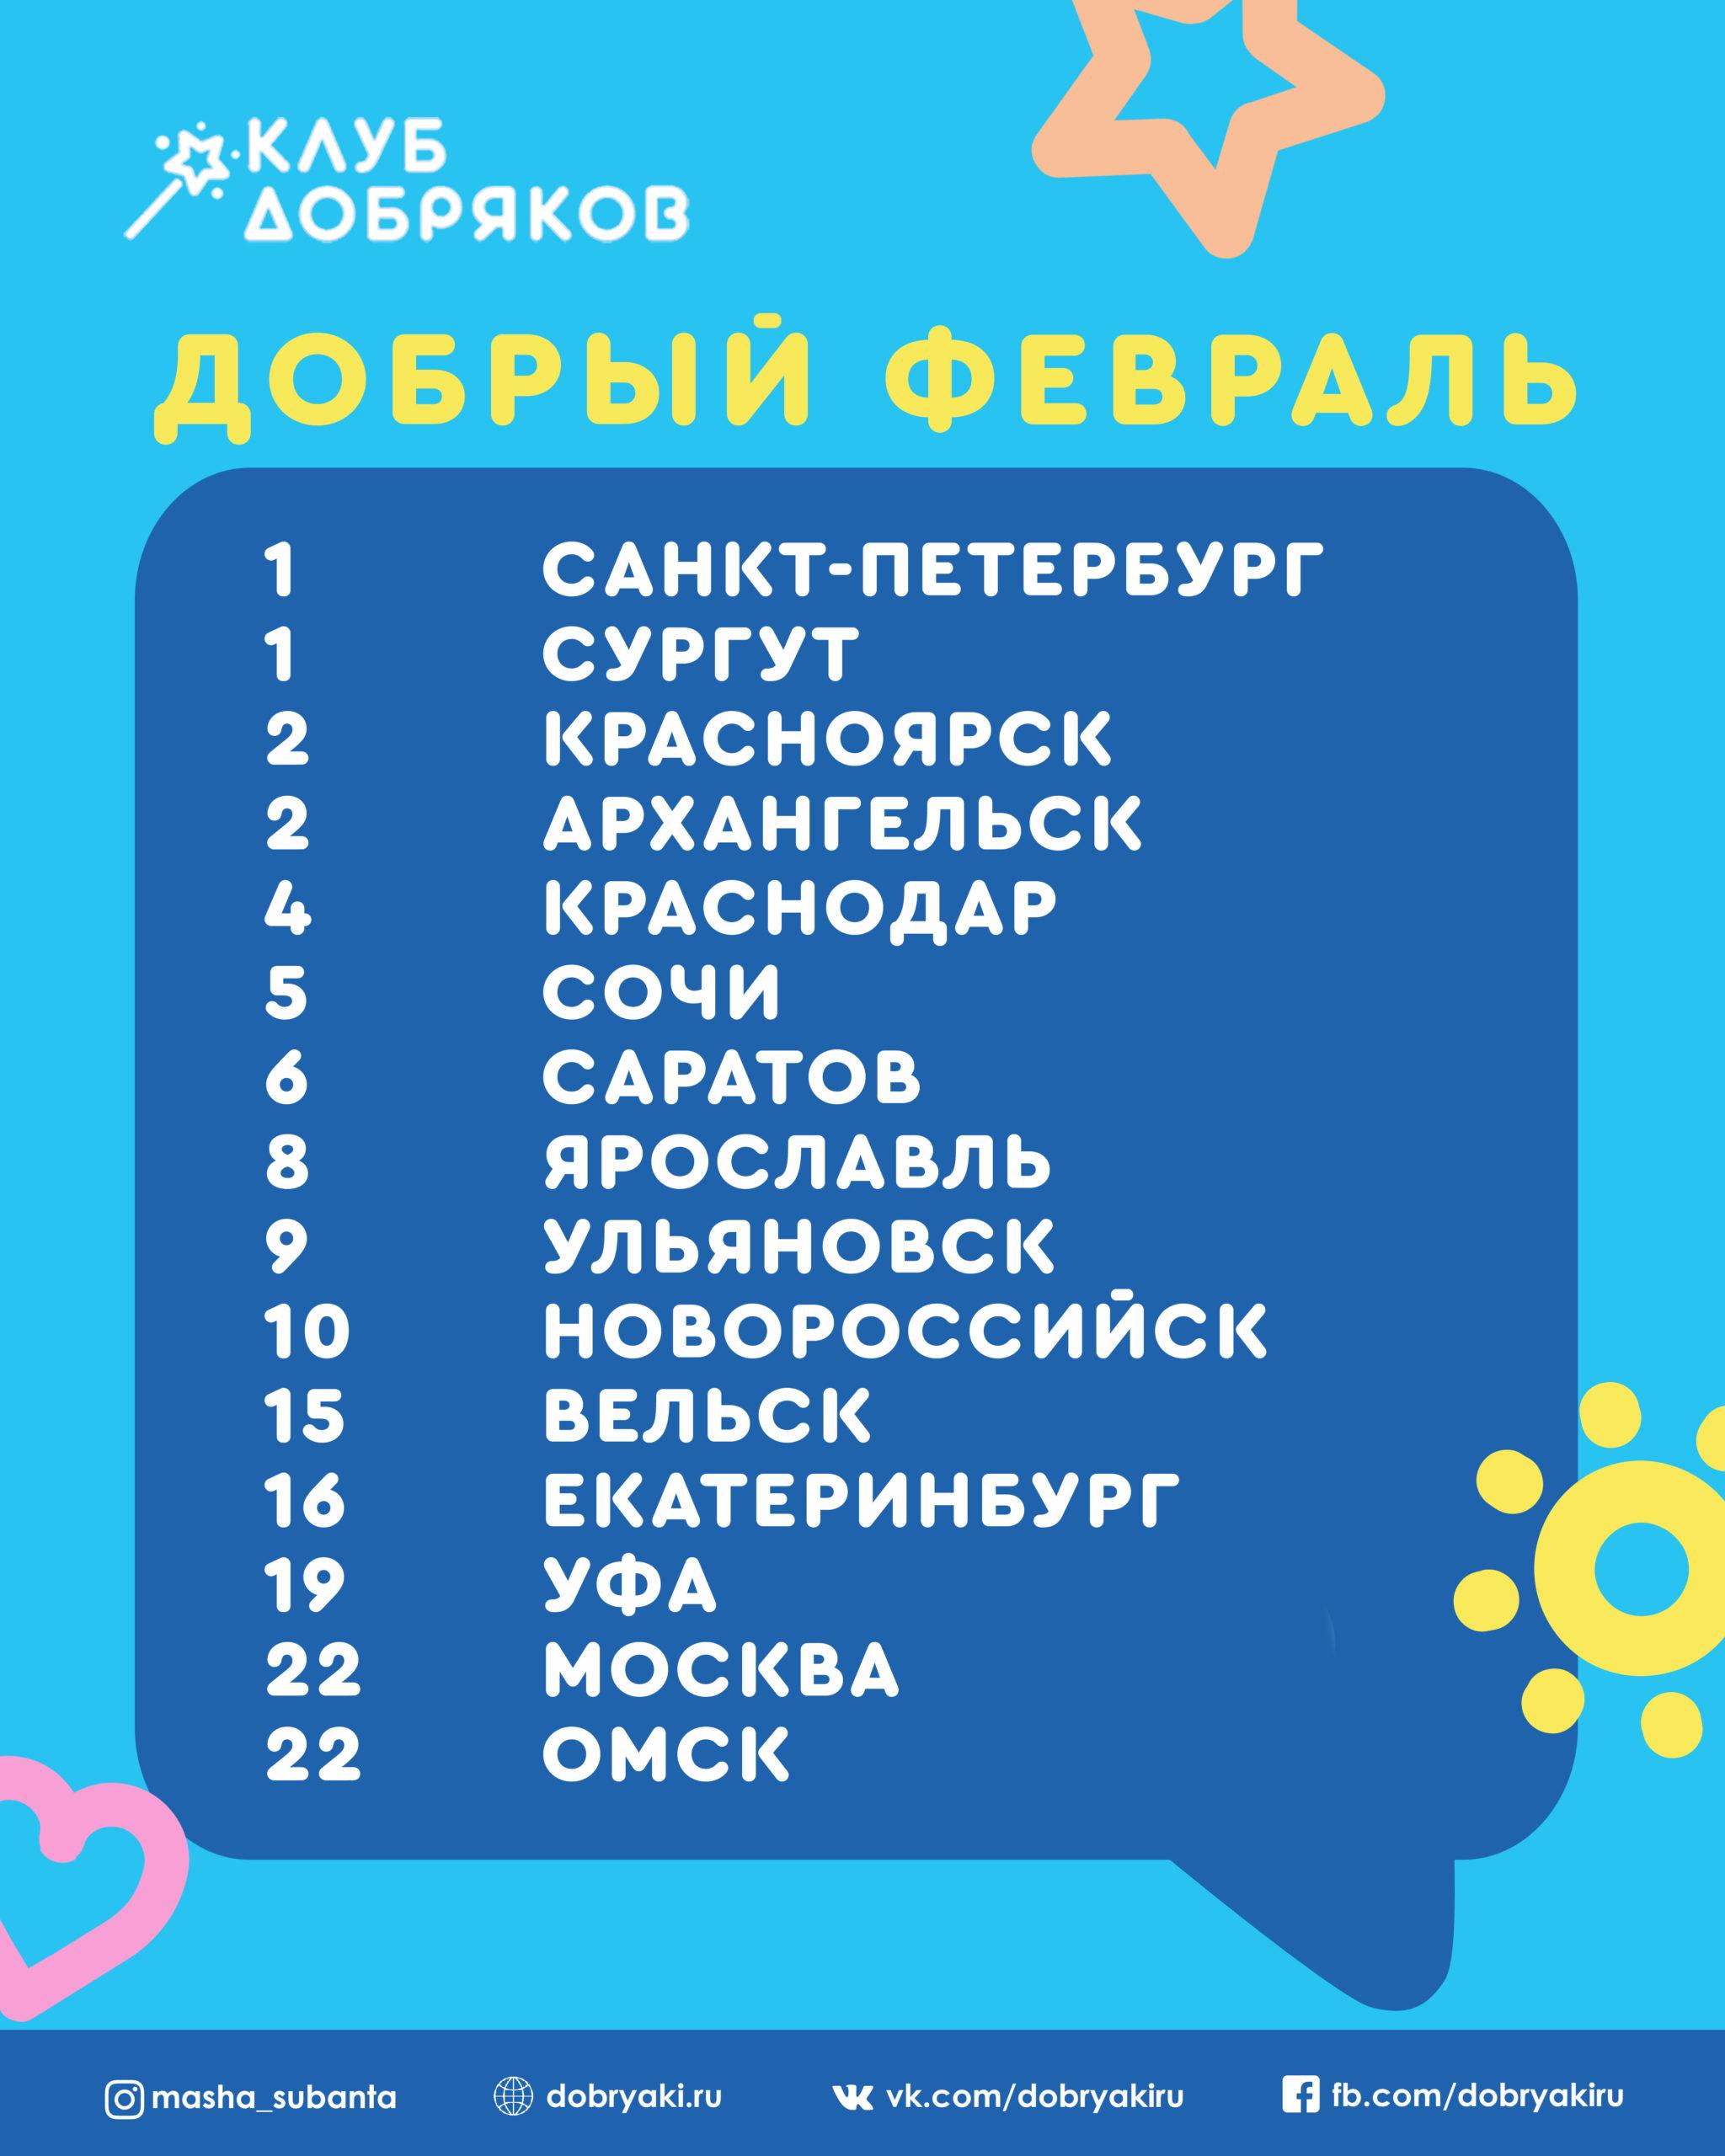 Афиша Клуба добряков на февраль